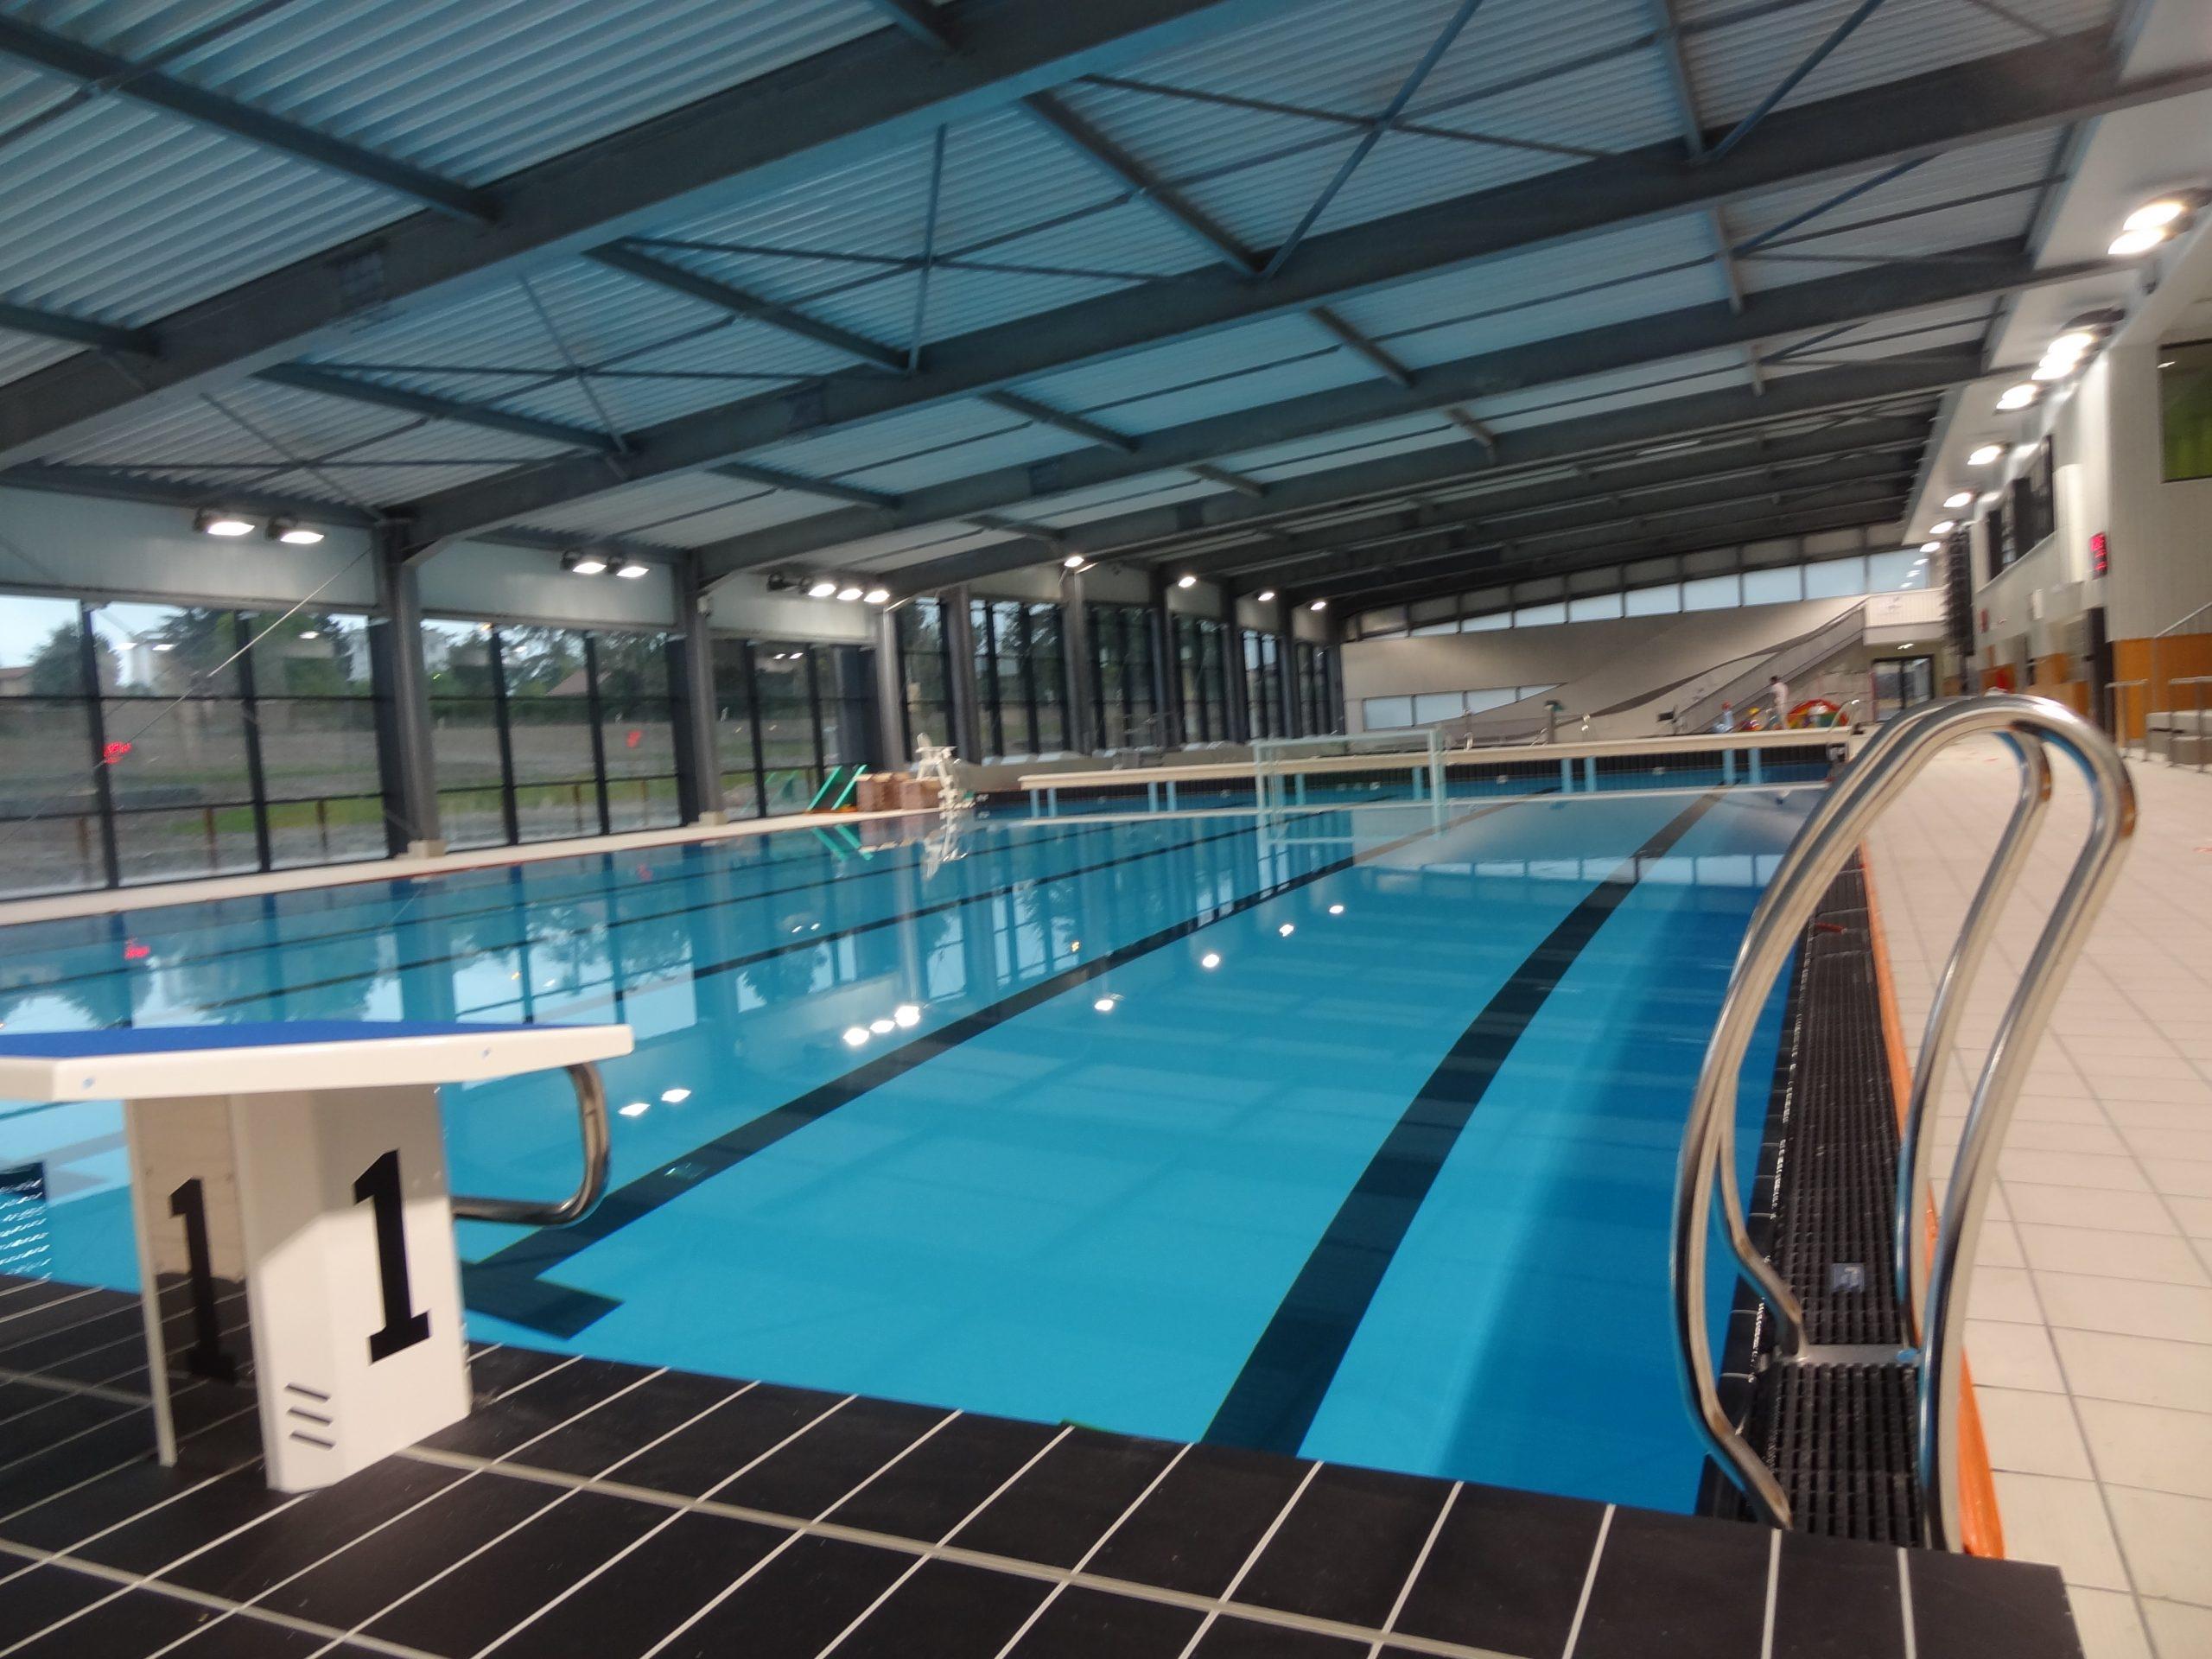 """Centre Aquatique """"les Bassins De L'aqueduc"""" Mornant ... concernant Piscine Brignais"""